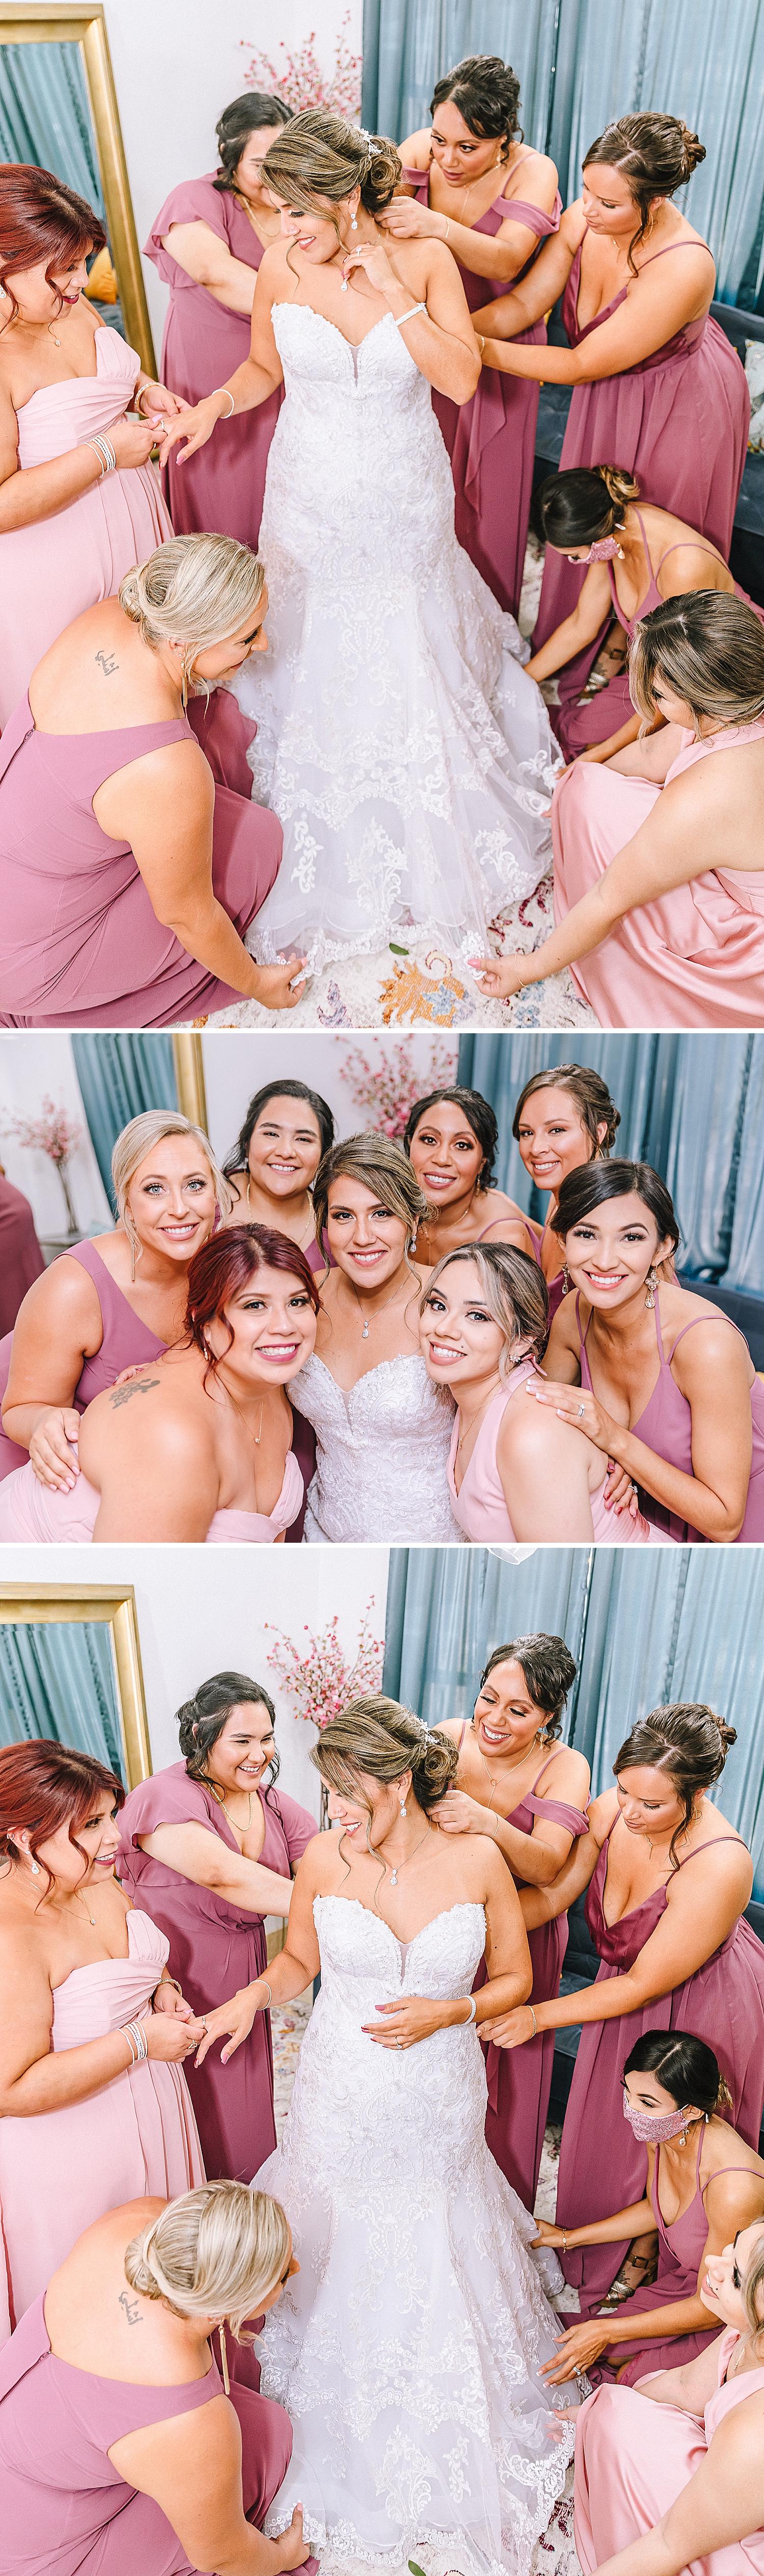 Carly-Barton-Photography-The-Villa-at-Cielo-Vista-Blush-Gold-White-Wedding-Photos_0109.jpg